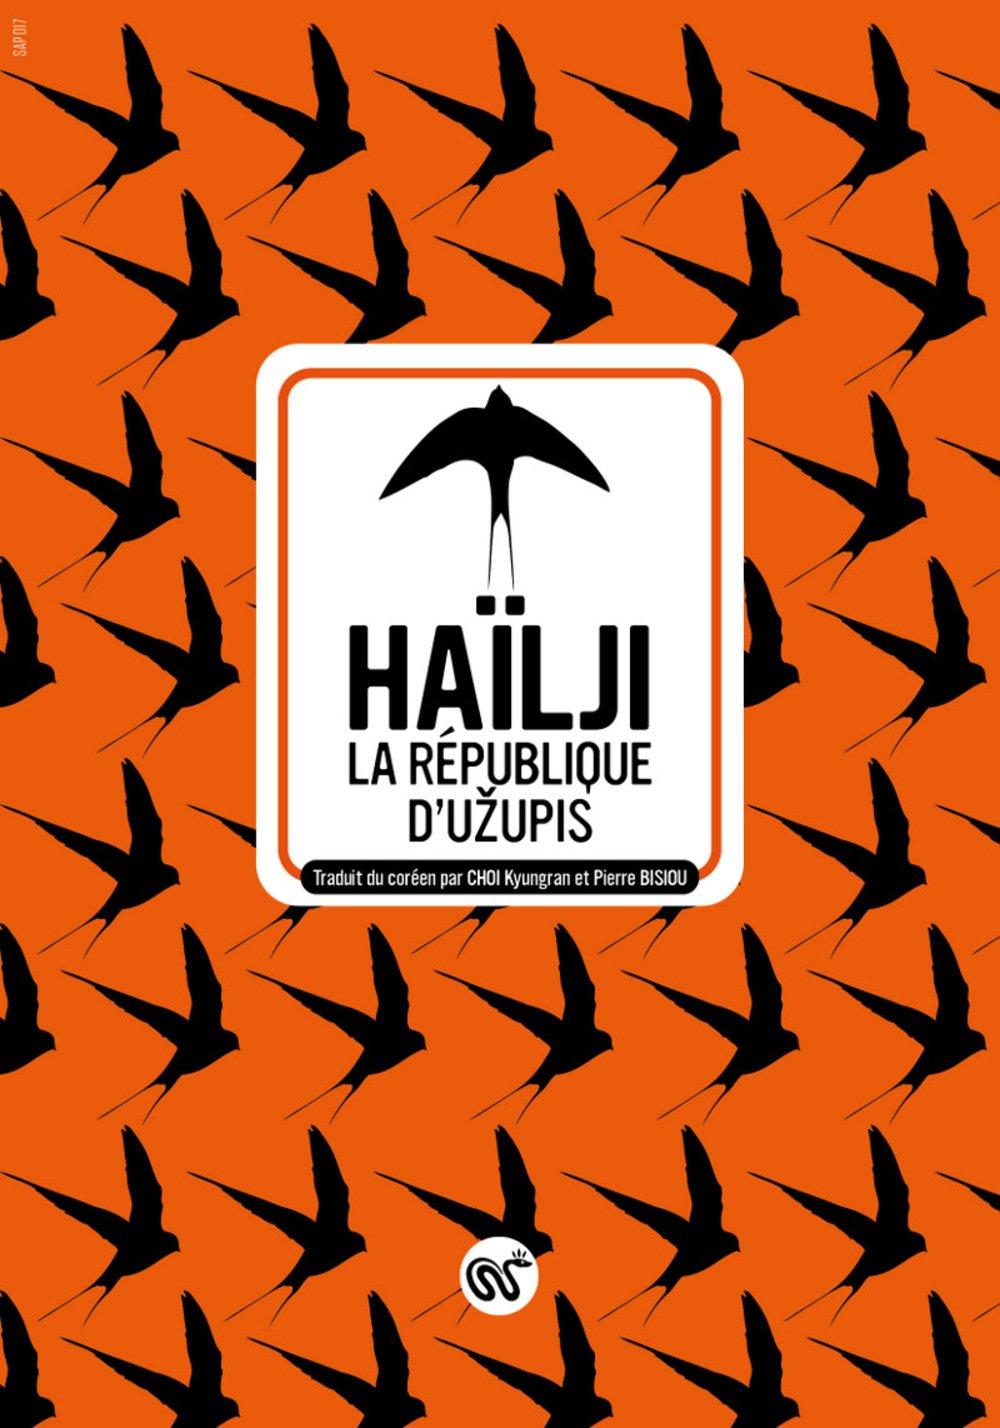 """Résultat de recherche d'images pour """"hailji"""""""